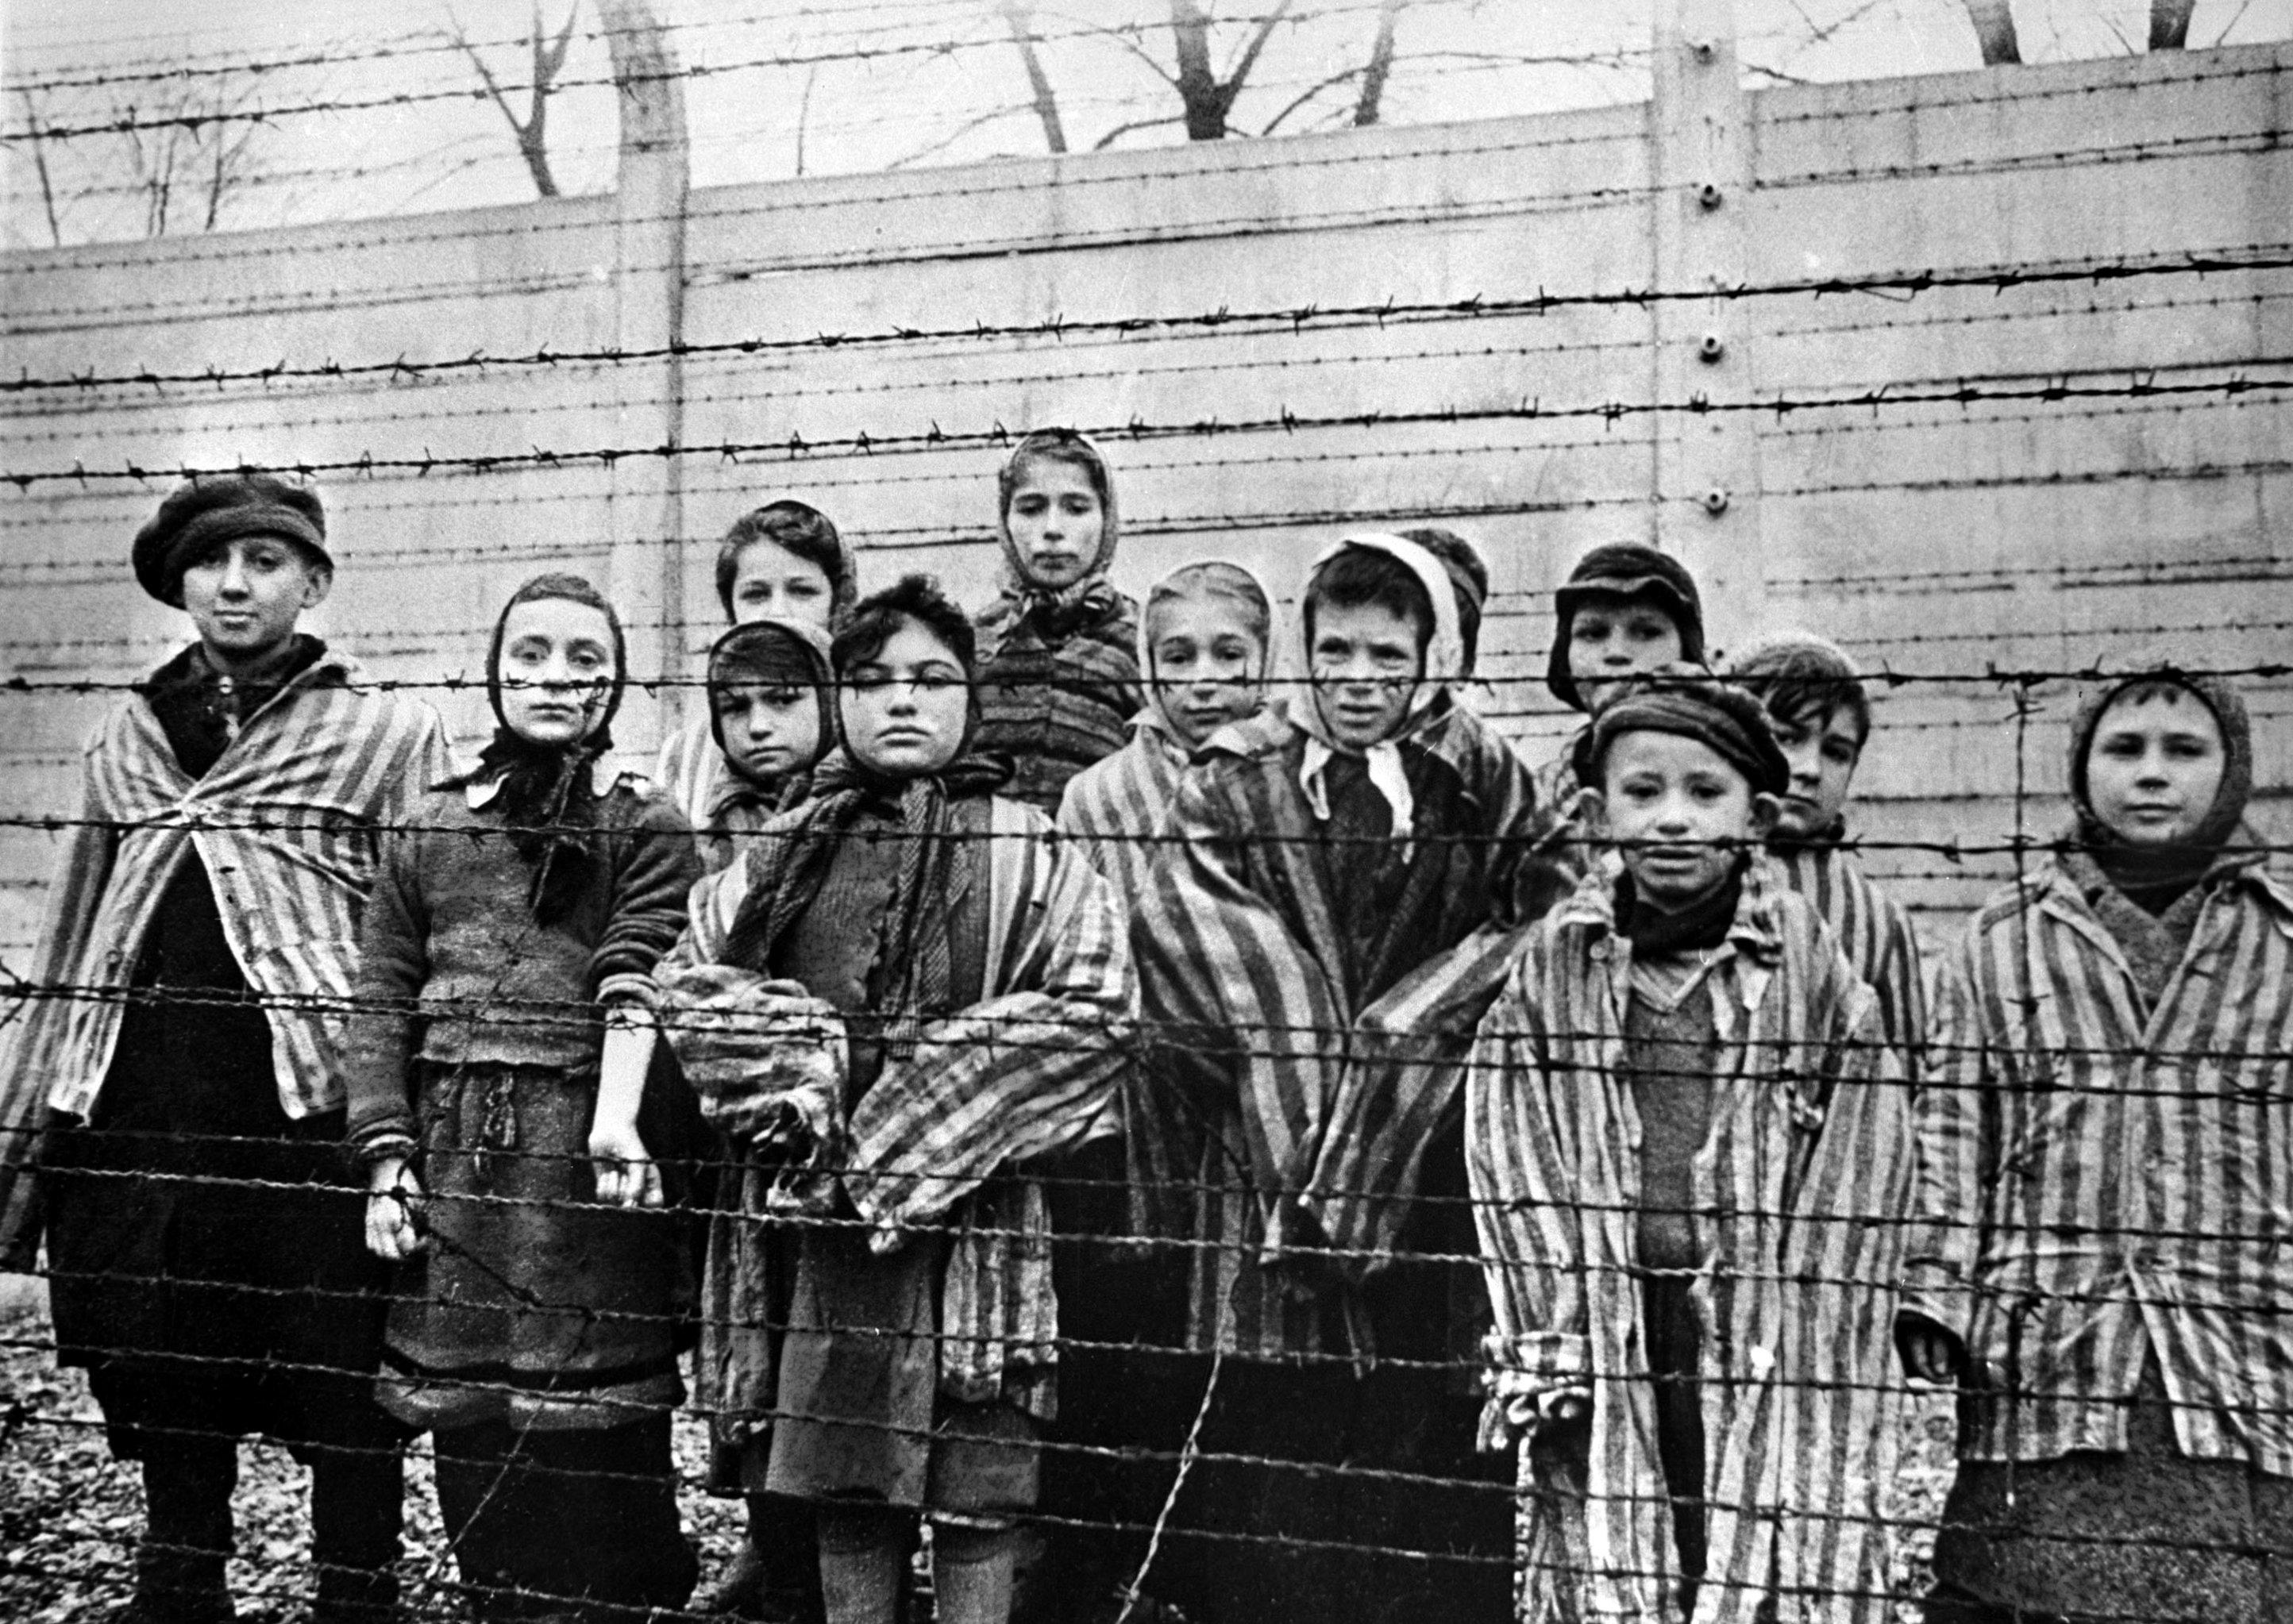 Niños del campo de exterminio de Auschwitz